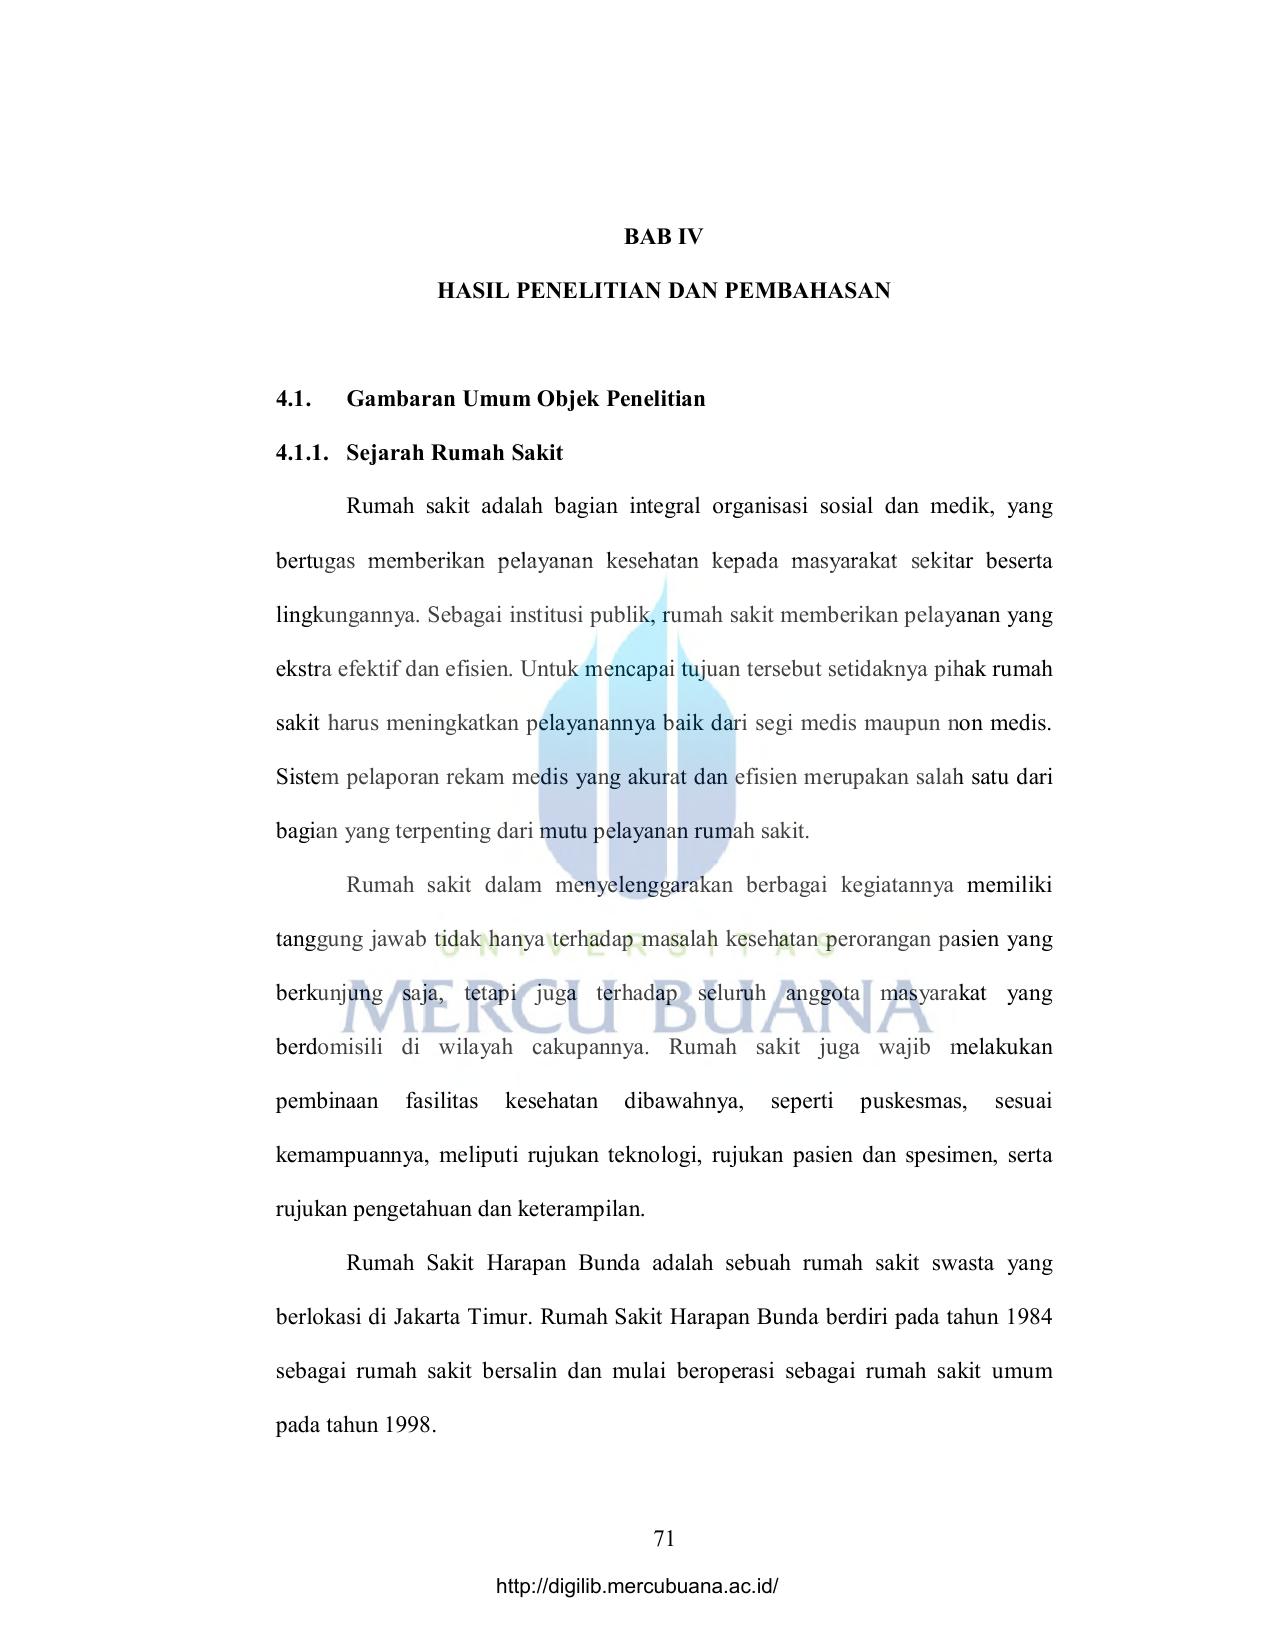 71 bab iv hasil penelitian dan pembahasan 41 gambaran ccuart Images